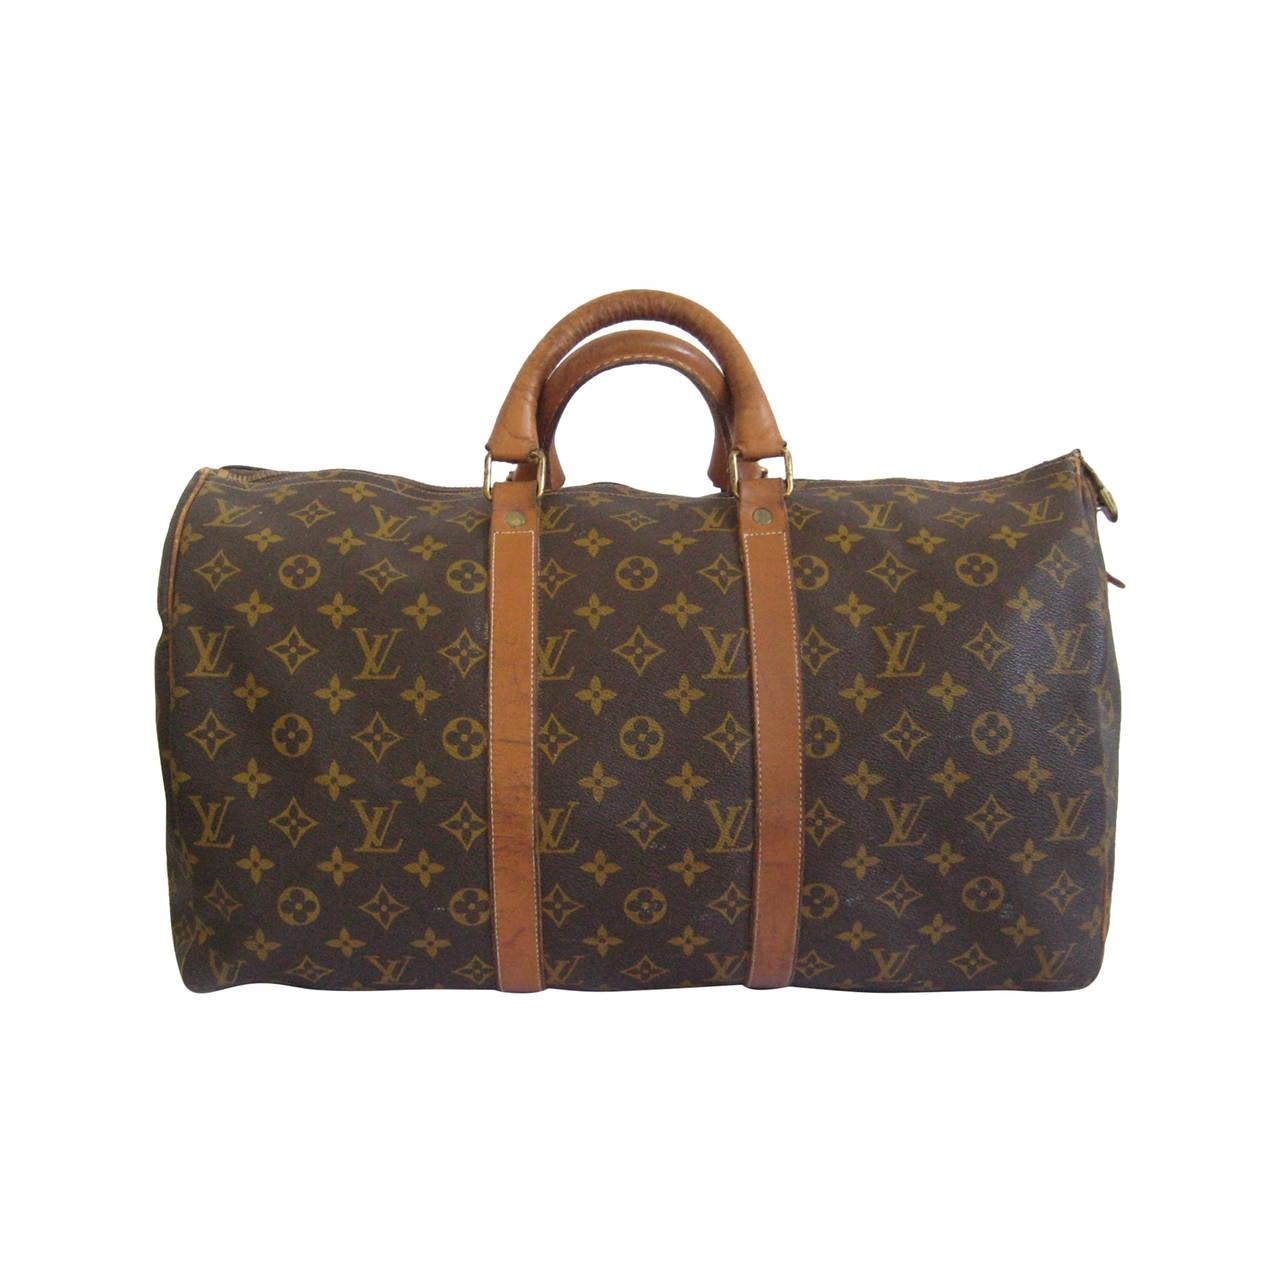 Green hobo handbag celebrity